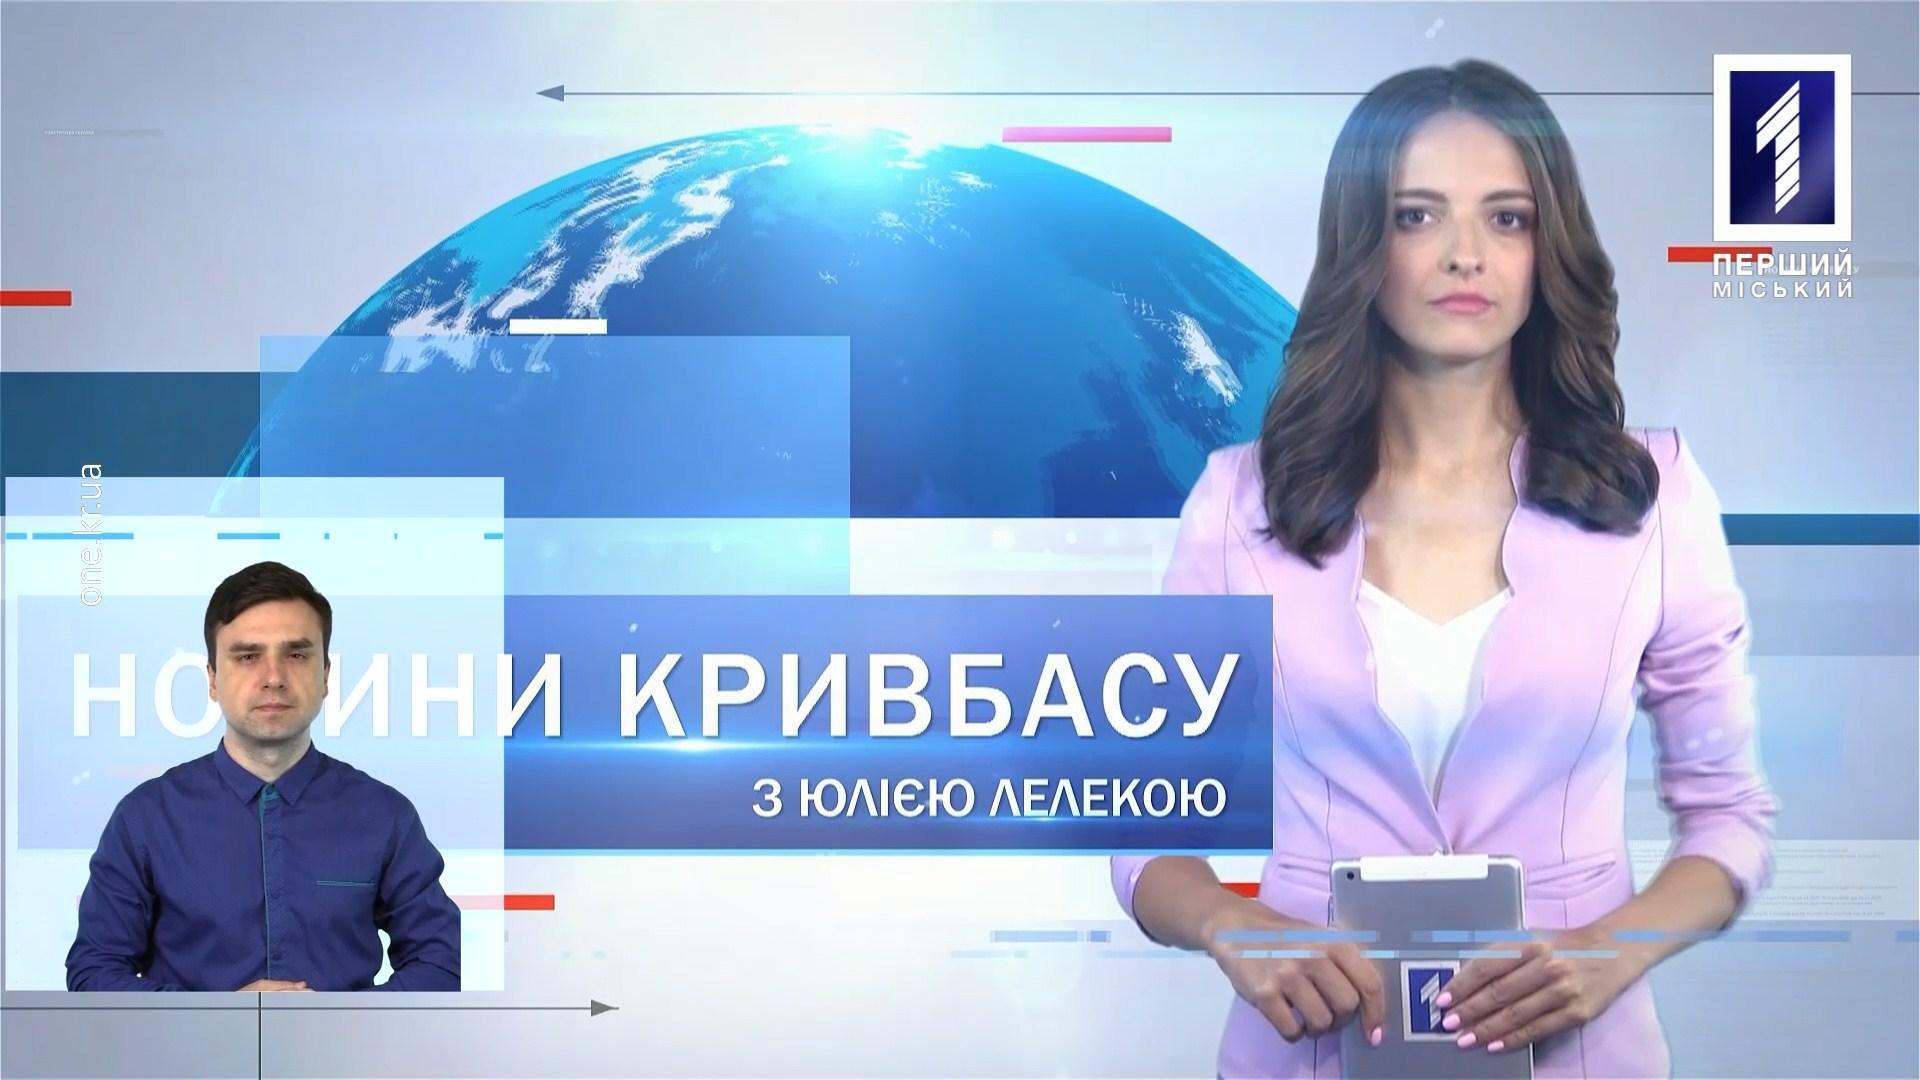 Новини Кривбасу 23 вересня(сурдопереклад): панахида, огляд техніки, урок безпеки